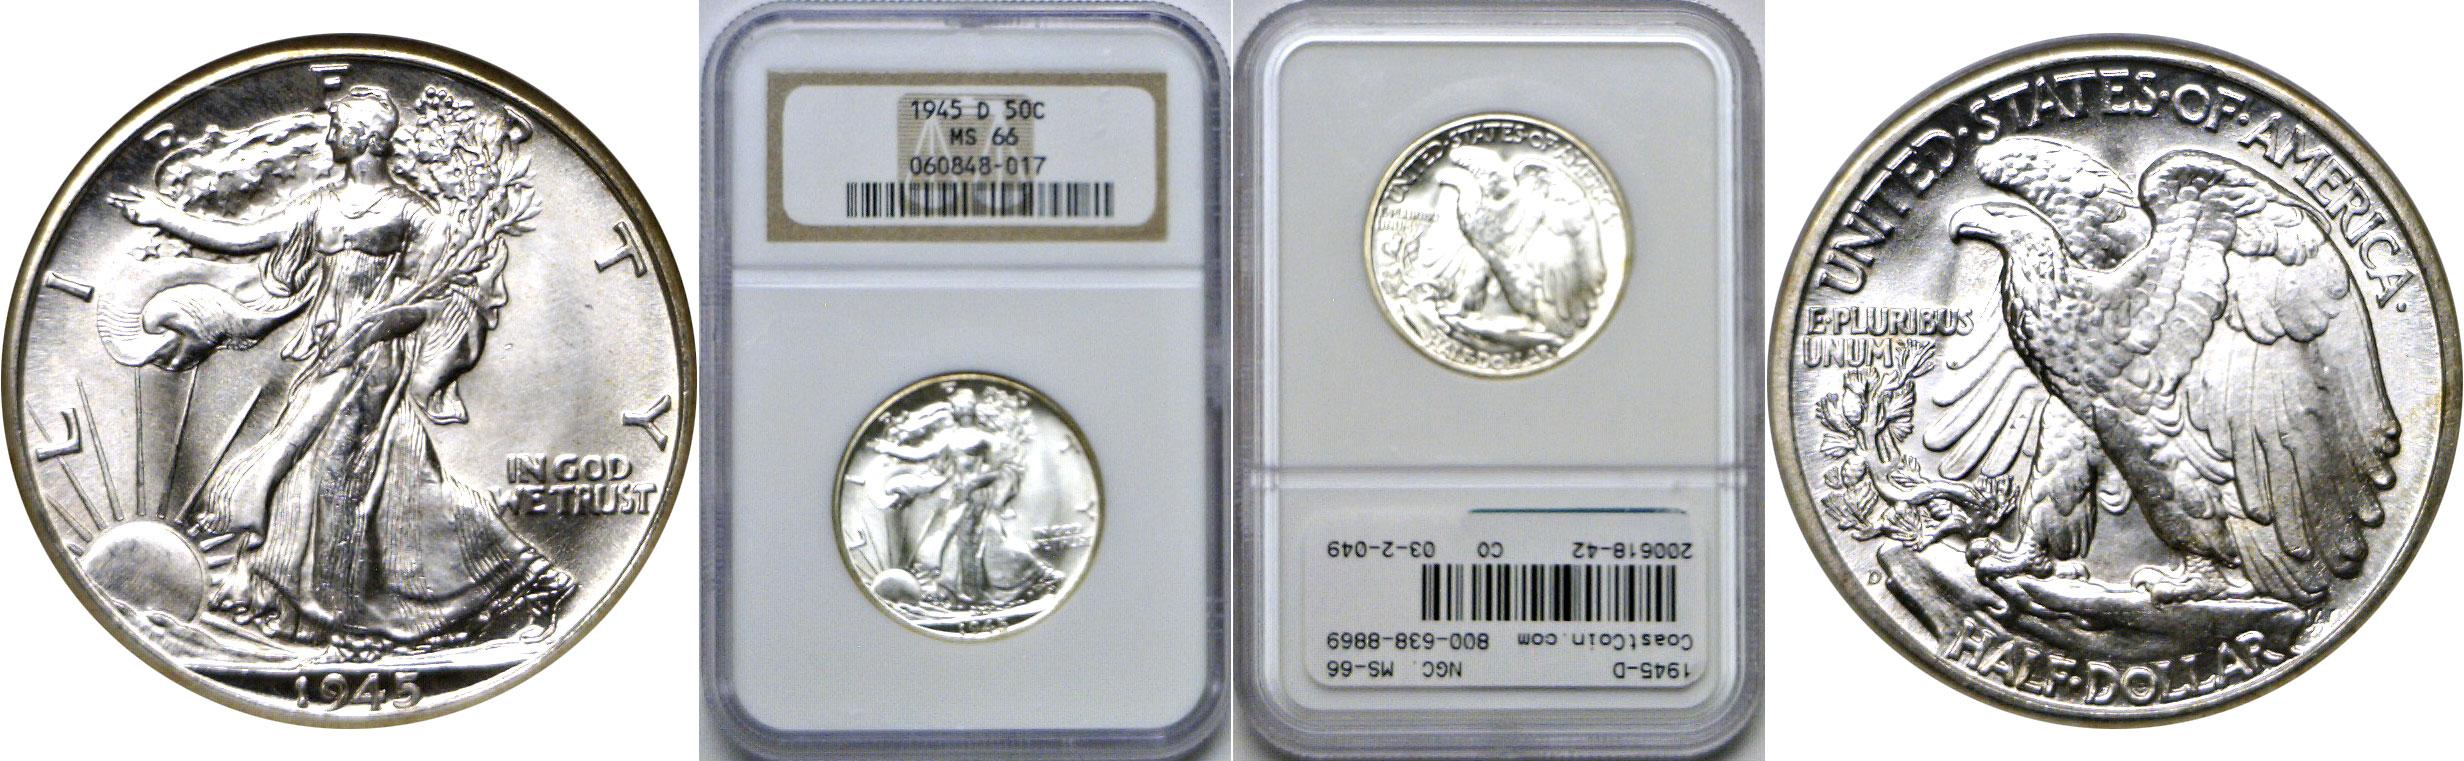 Item 200618-42